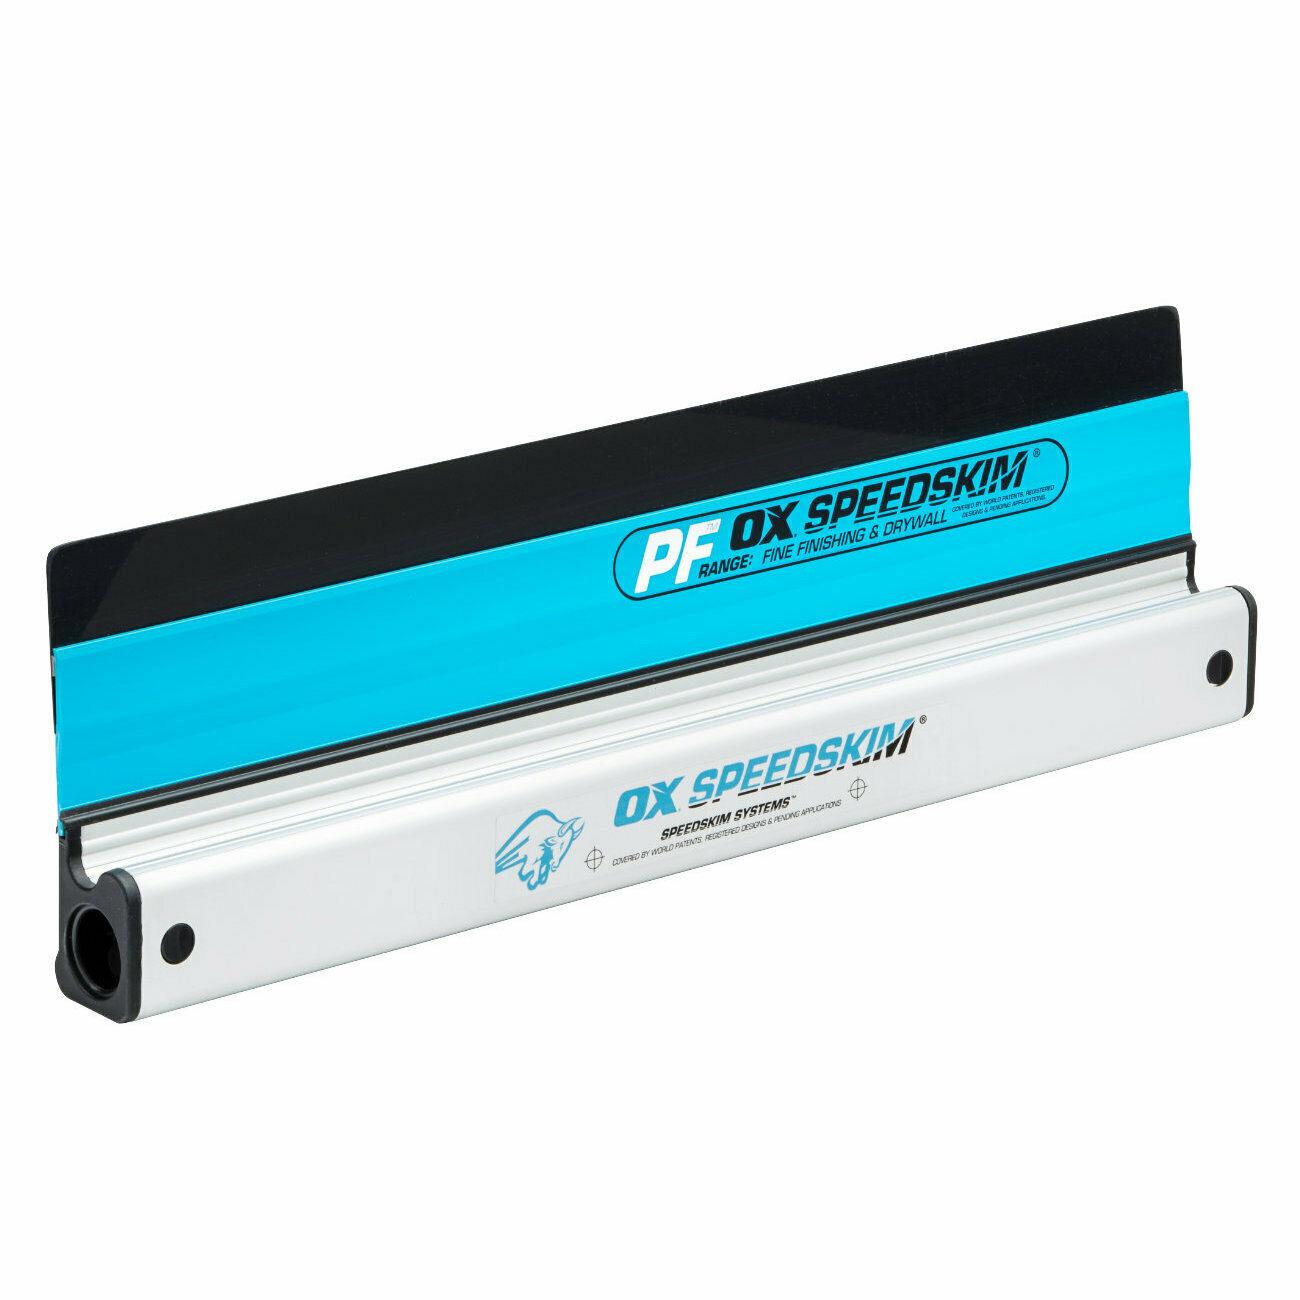 OX PRO SPEEDSKIM PLASTIC - PF (FINE FINISHING & DRYWALL) 450MM